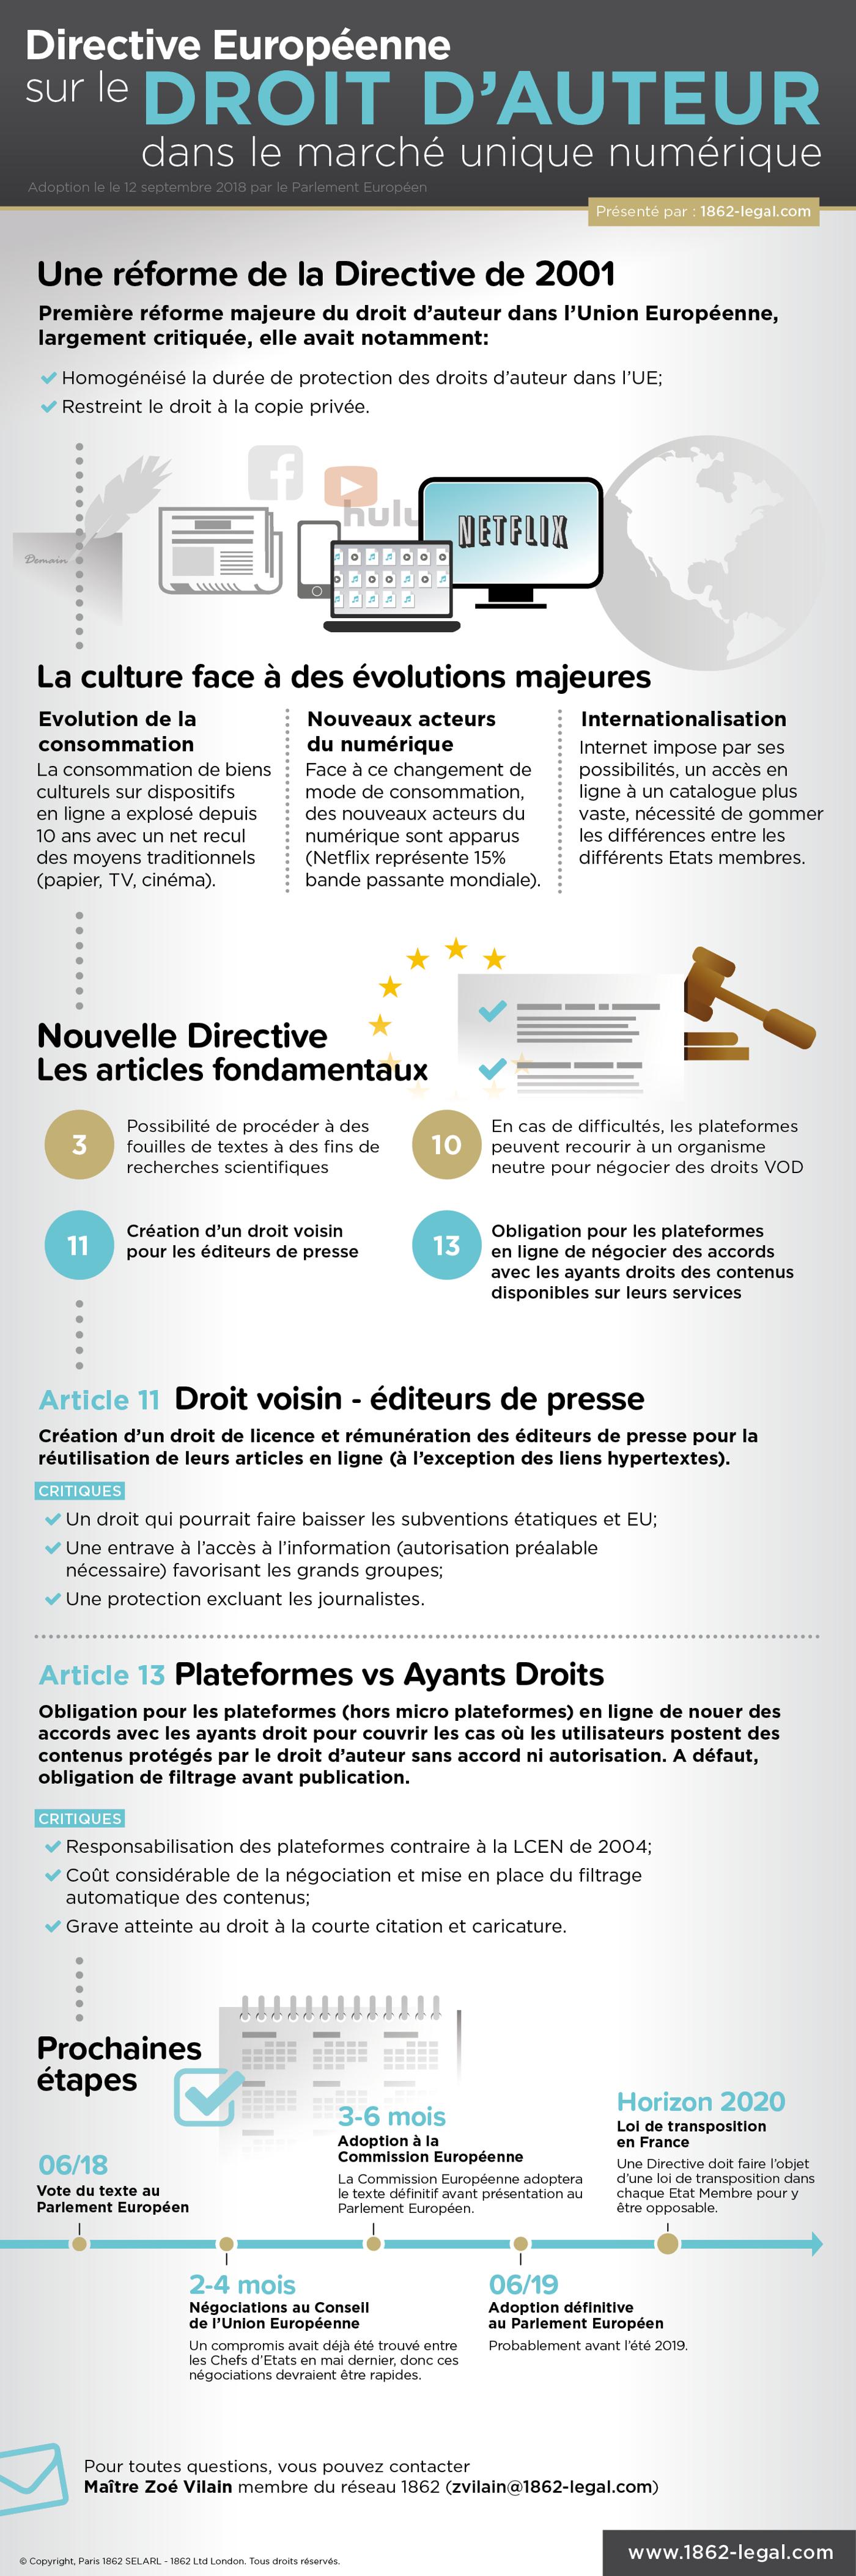 reforme_europeenne_du_droit_dauteur_1400px.png